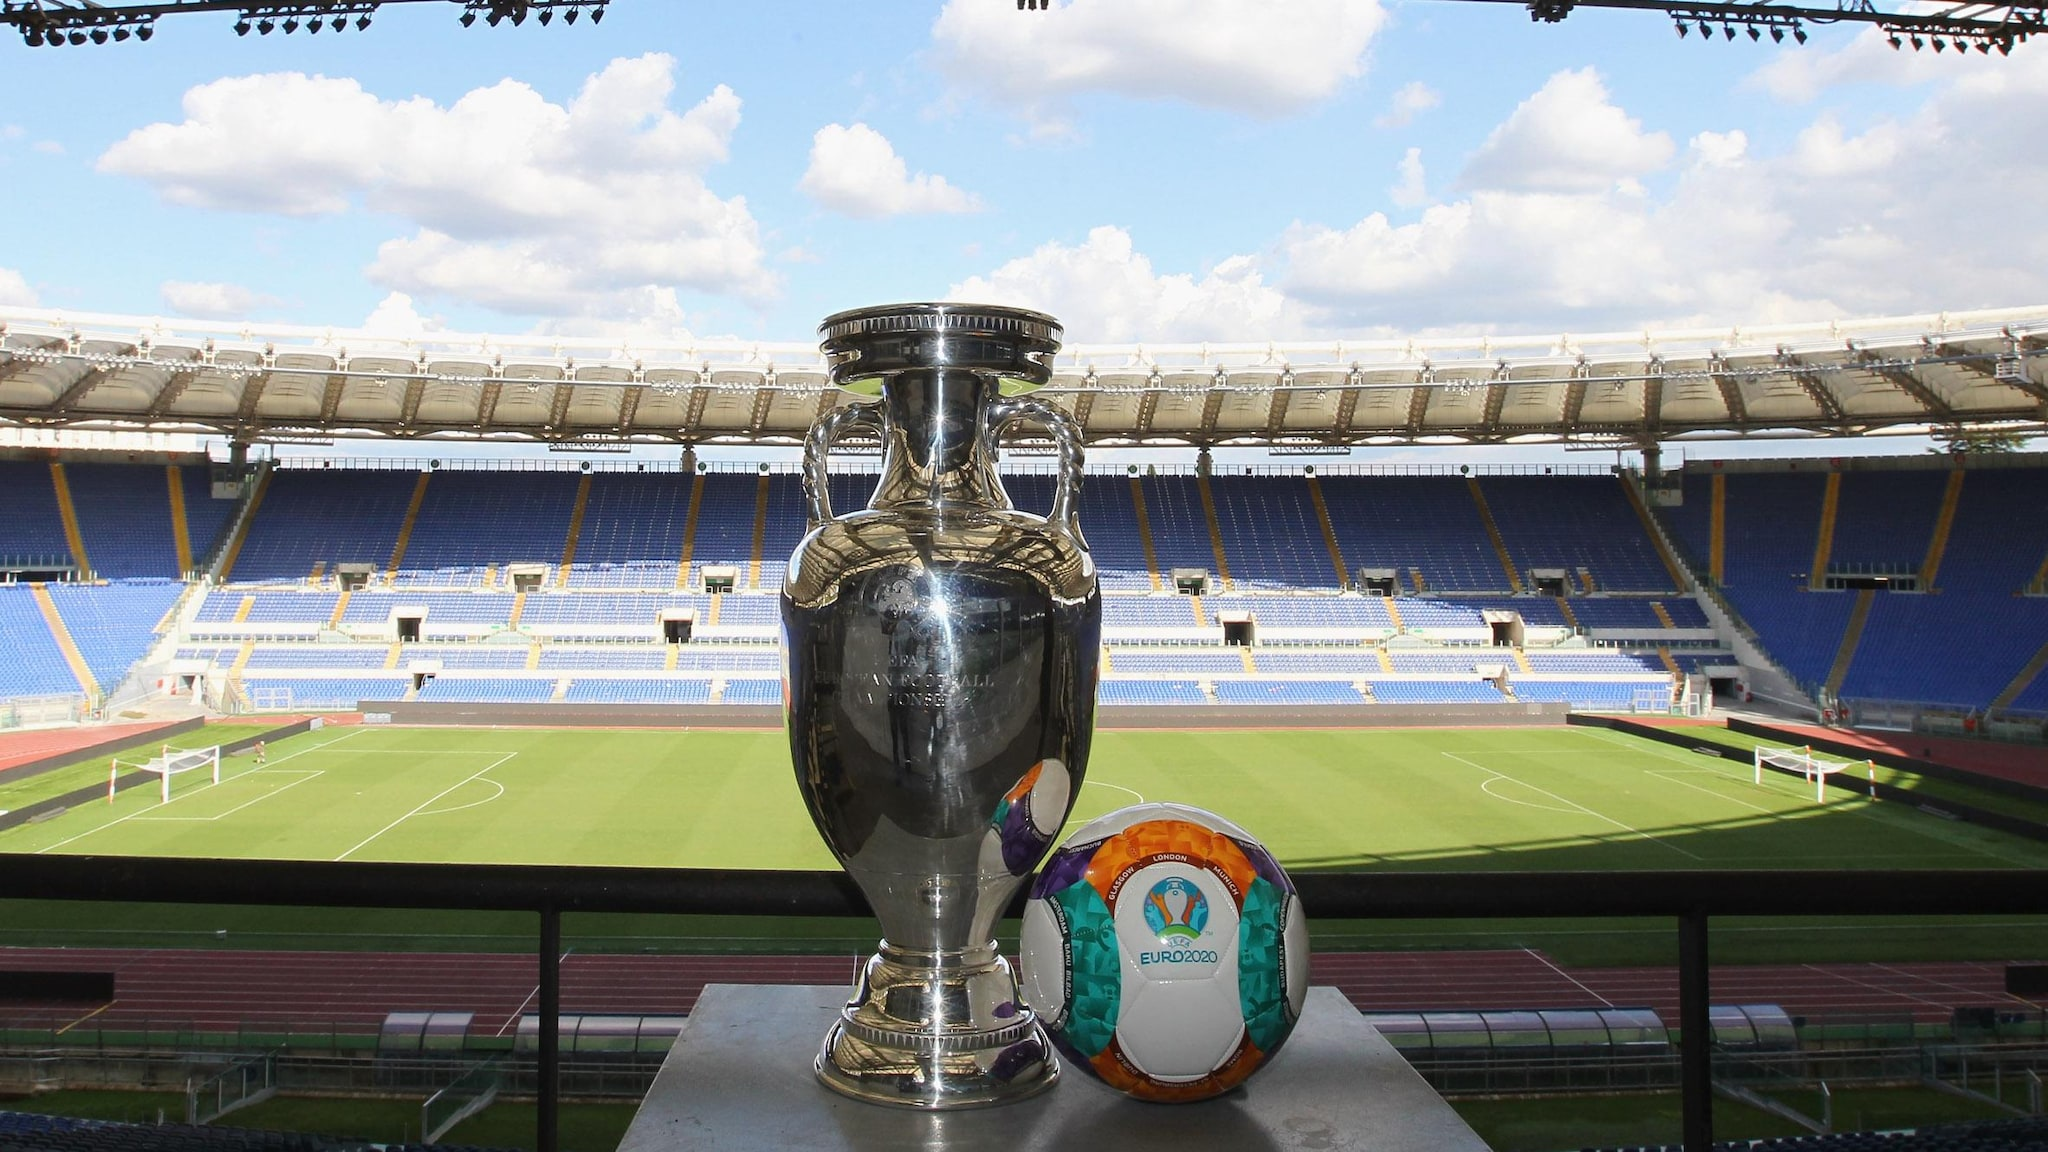 Roma confirma aficionados para la UEFA EURO 2020 | Sobre la UEFA | UEFA.com